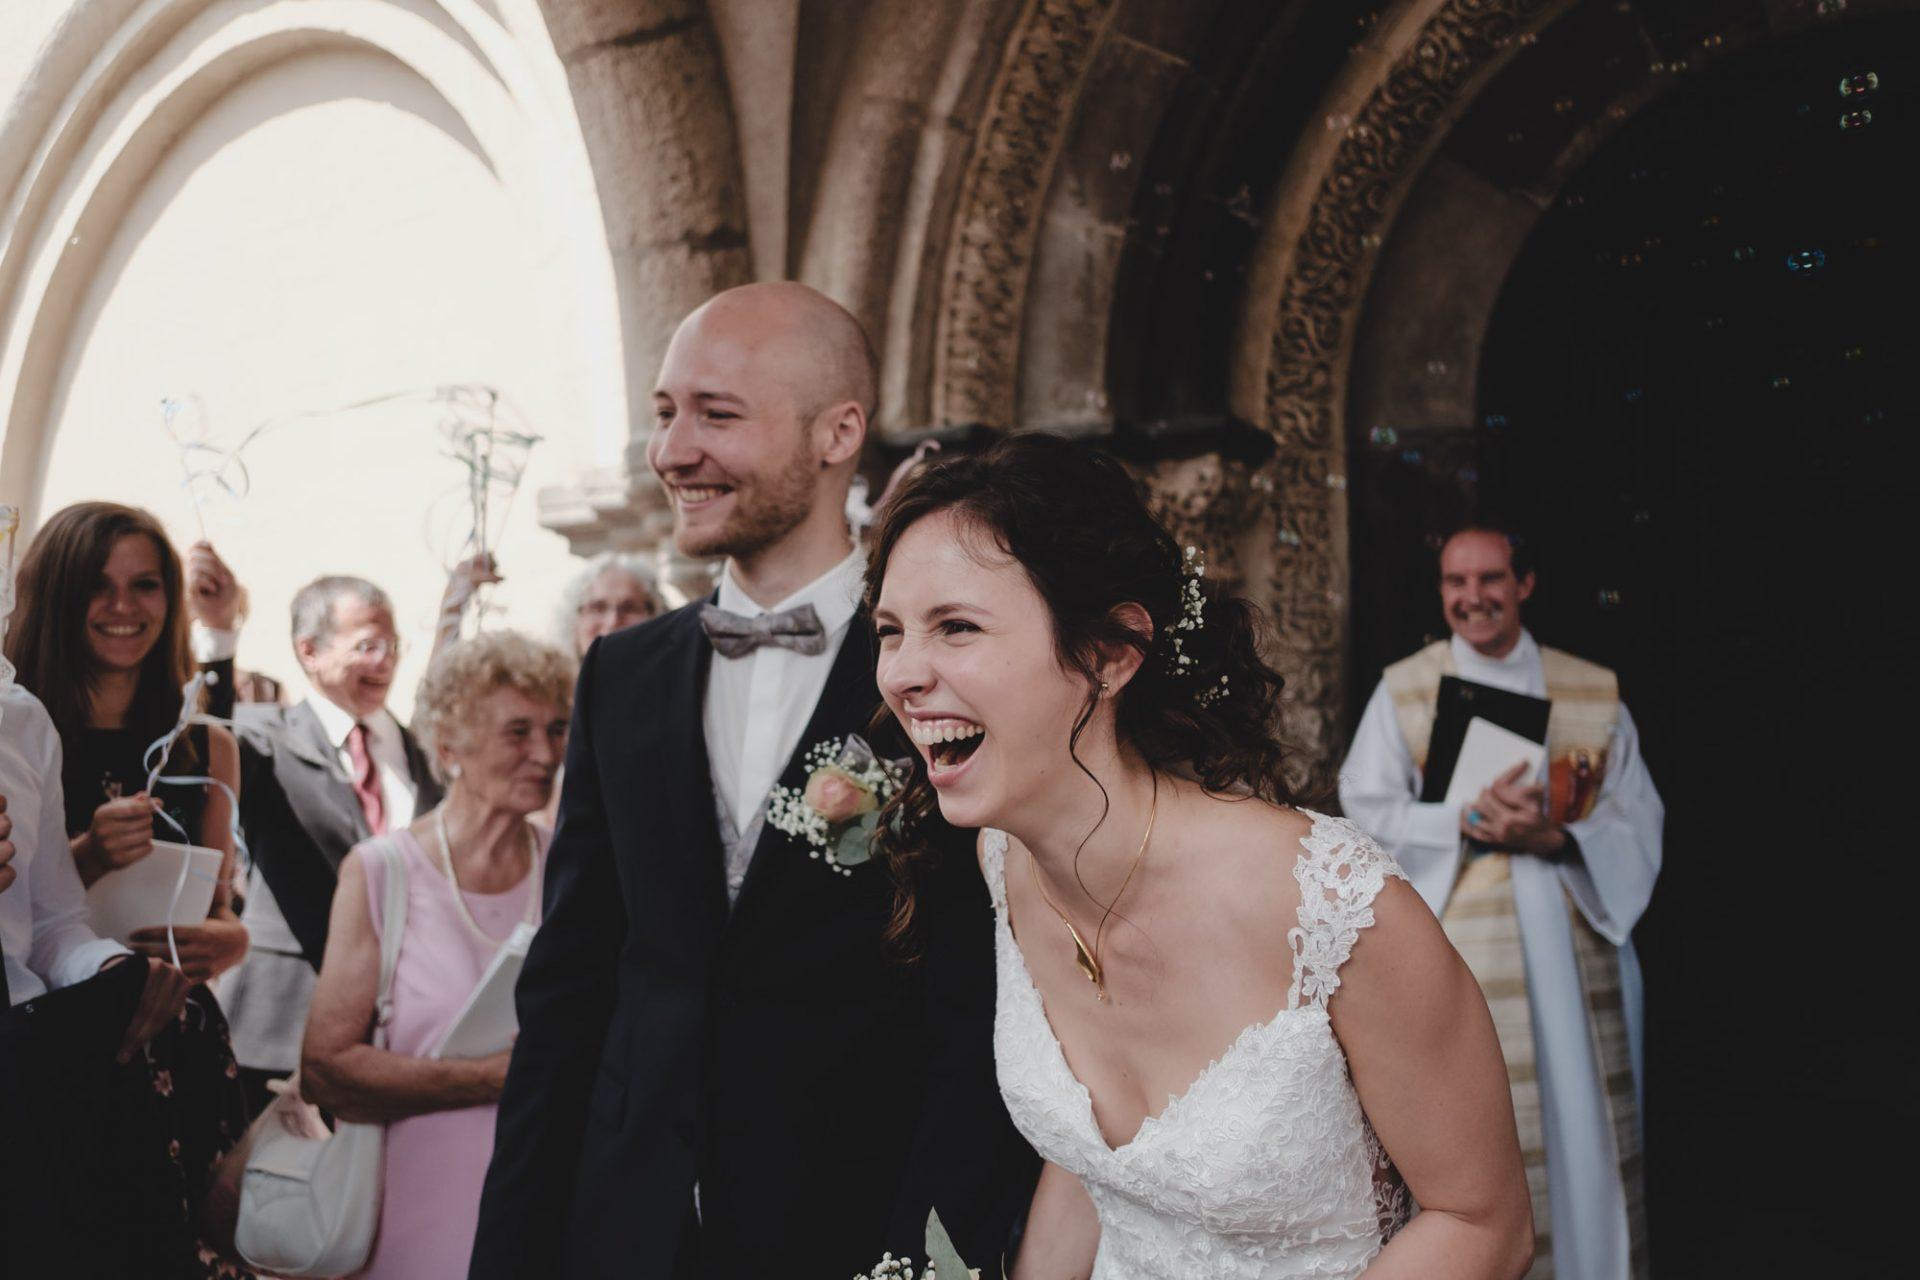 Braut und Bräutigam beim Ausszug aus der Abtei Brauweiler